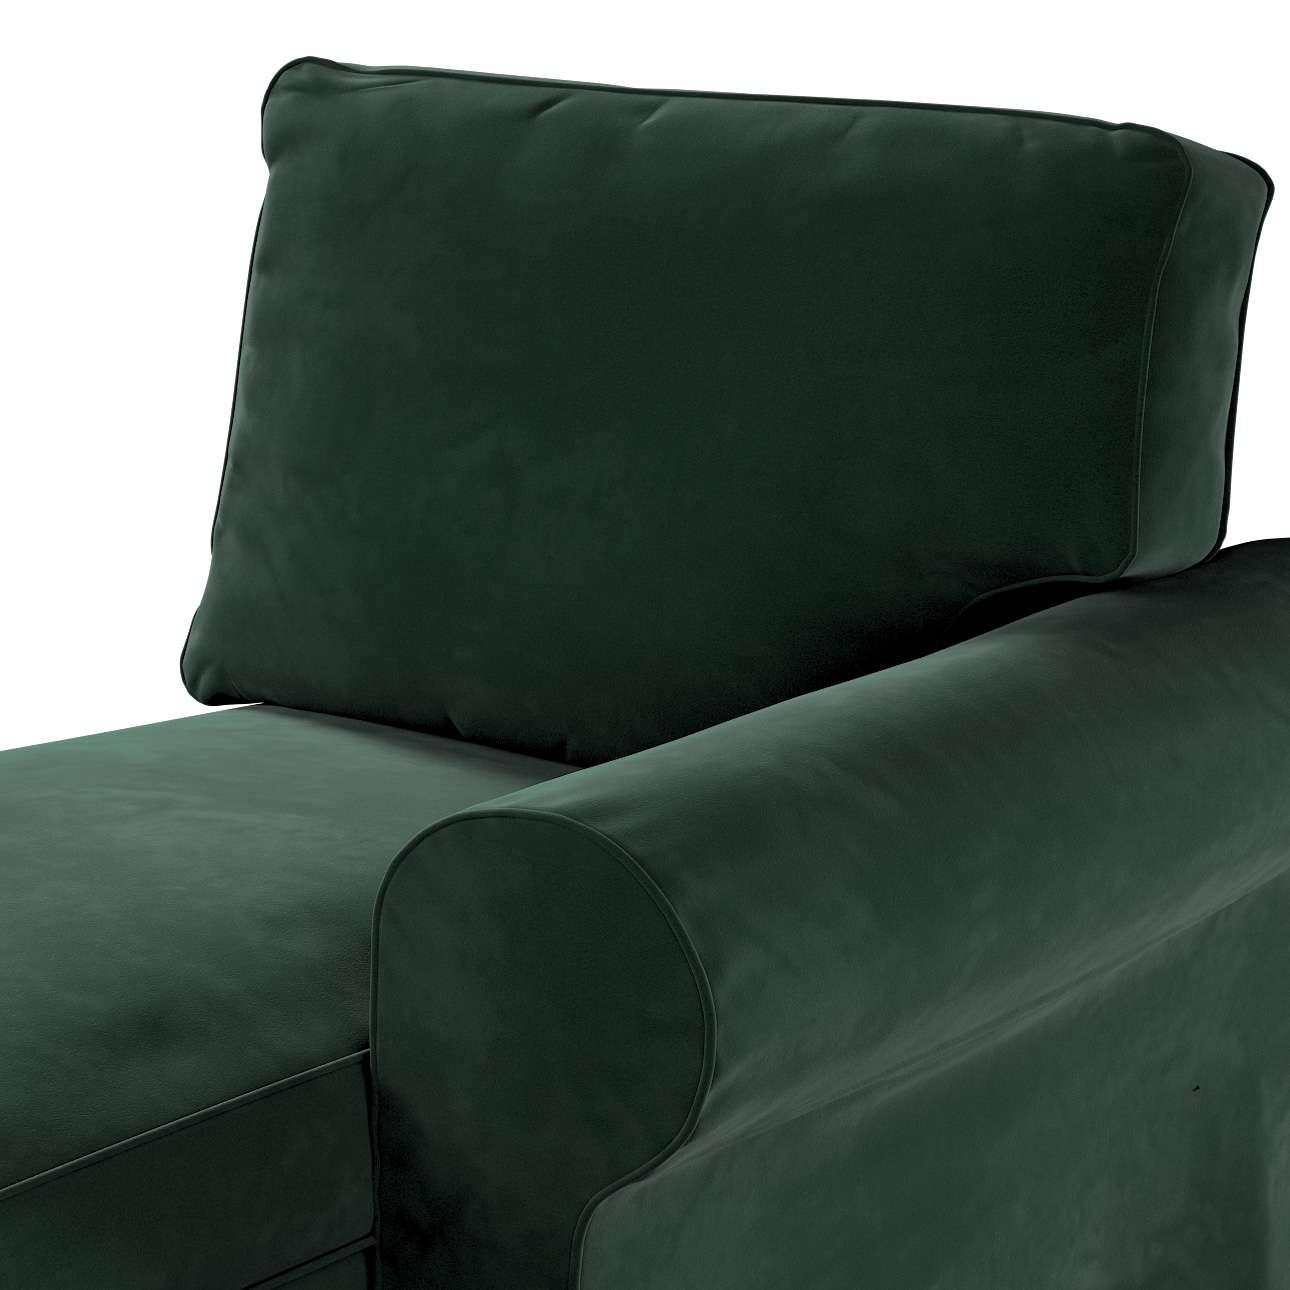 Pokrowiec na szezlong Ektorp prawy w kolekcji Velvet, tkanina: 704-25